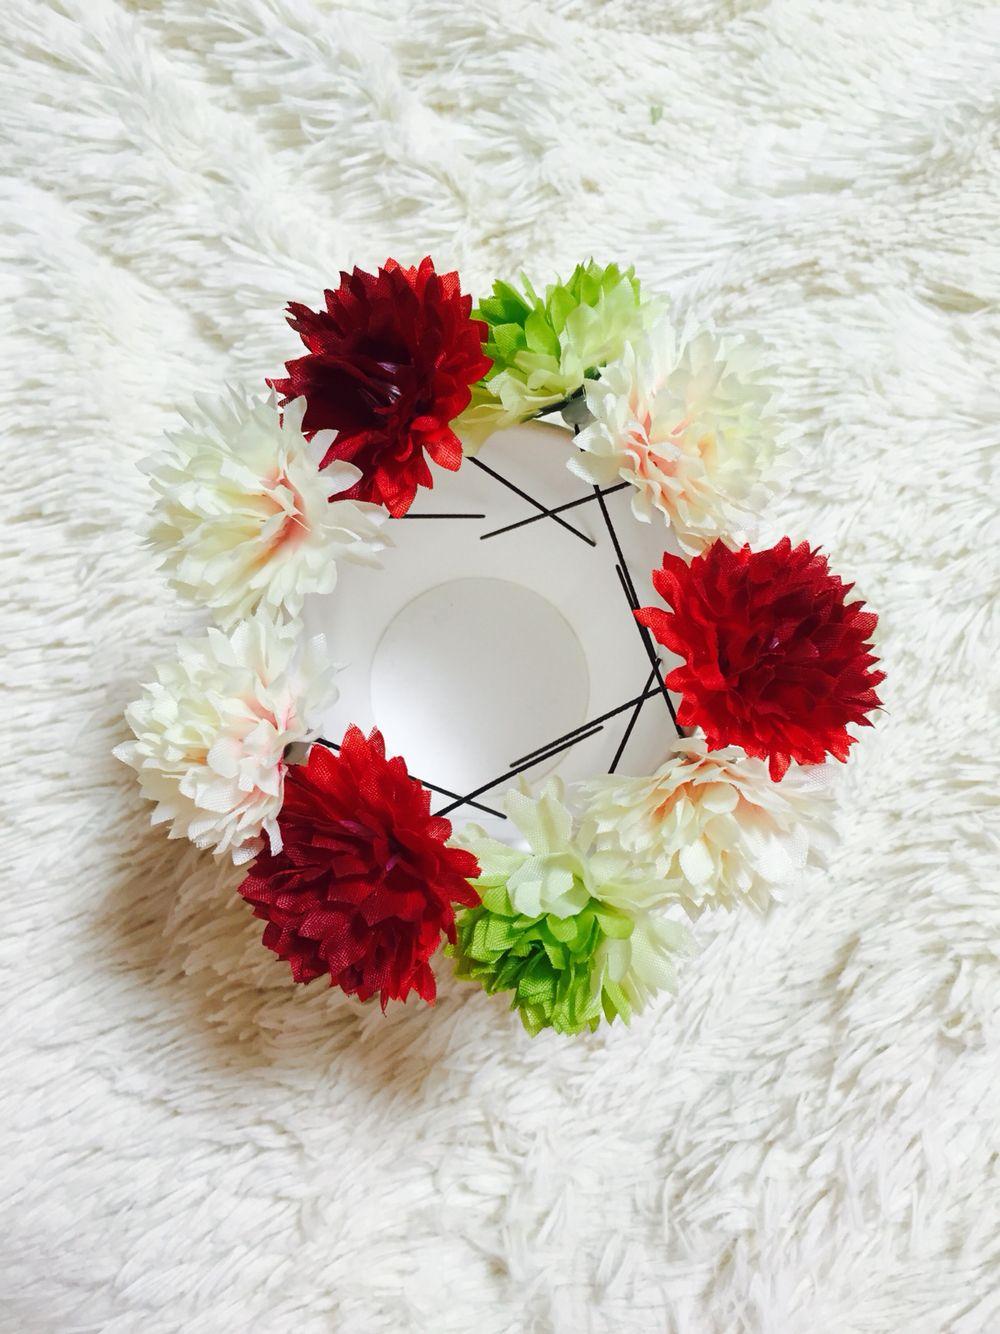 和装用の髪飾りを手作り。 100均の造花をUピンにつけ